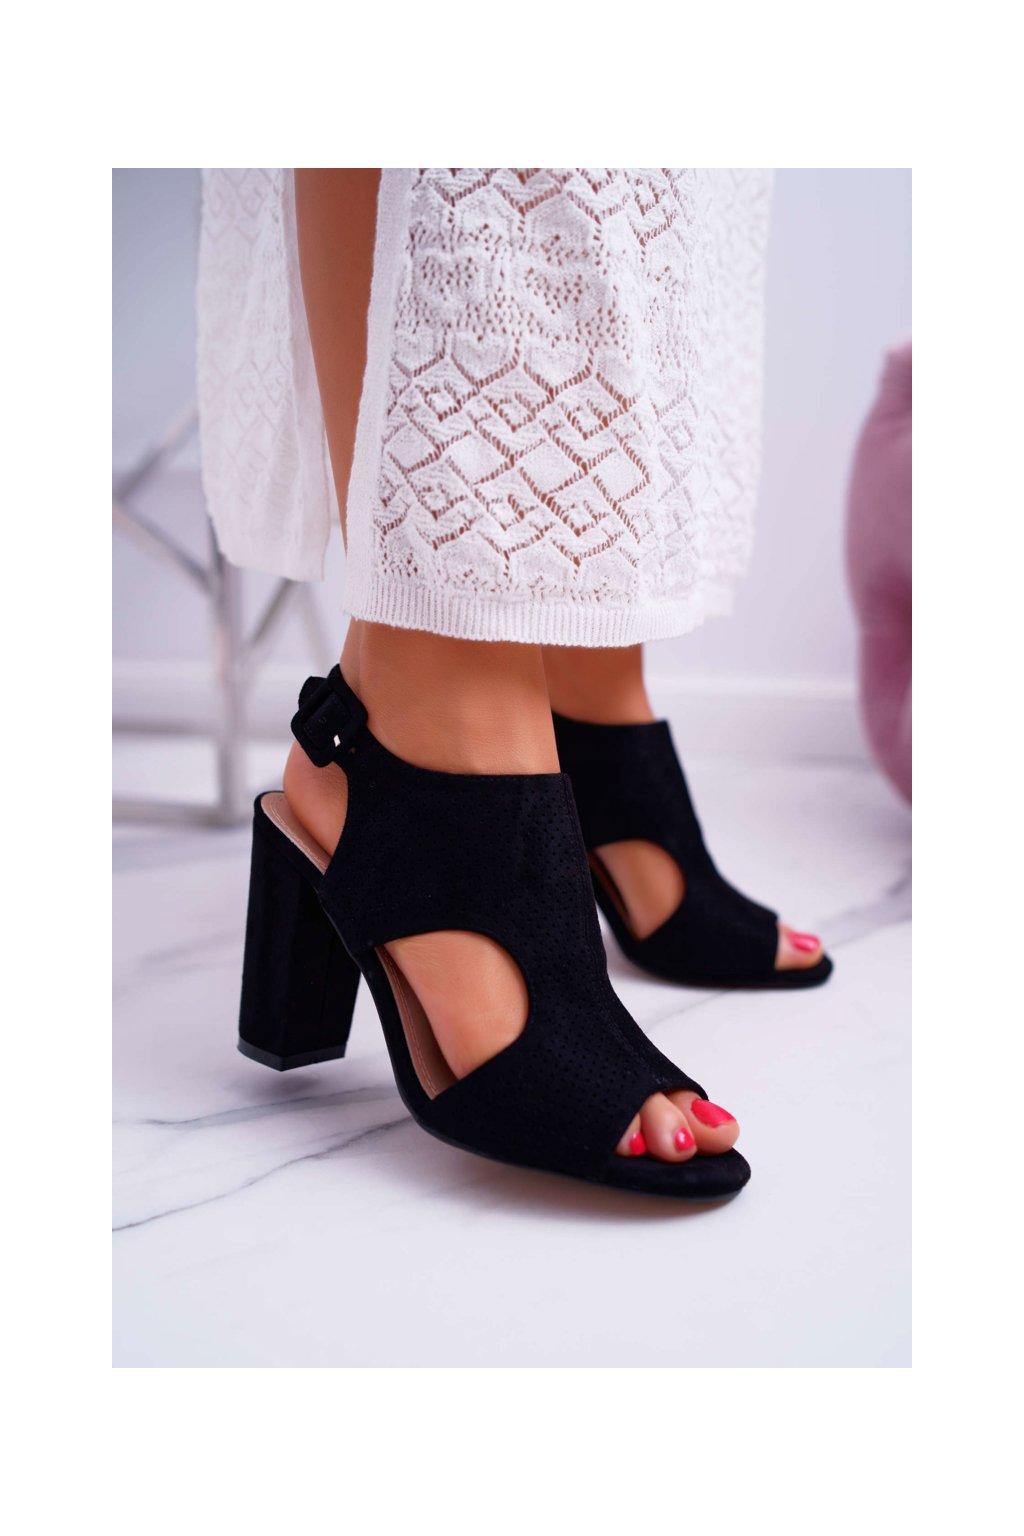 Dámske Sandále Podpatku Derované Semišové čierne HiBaby